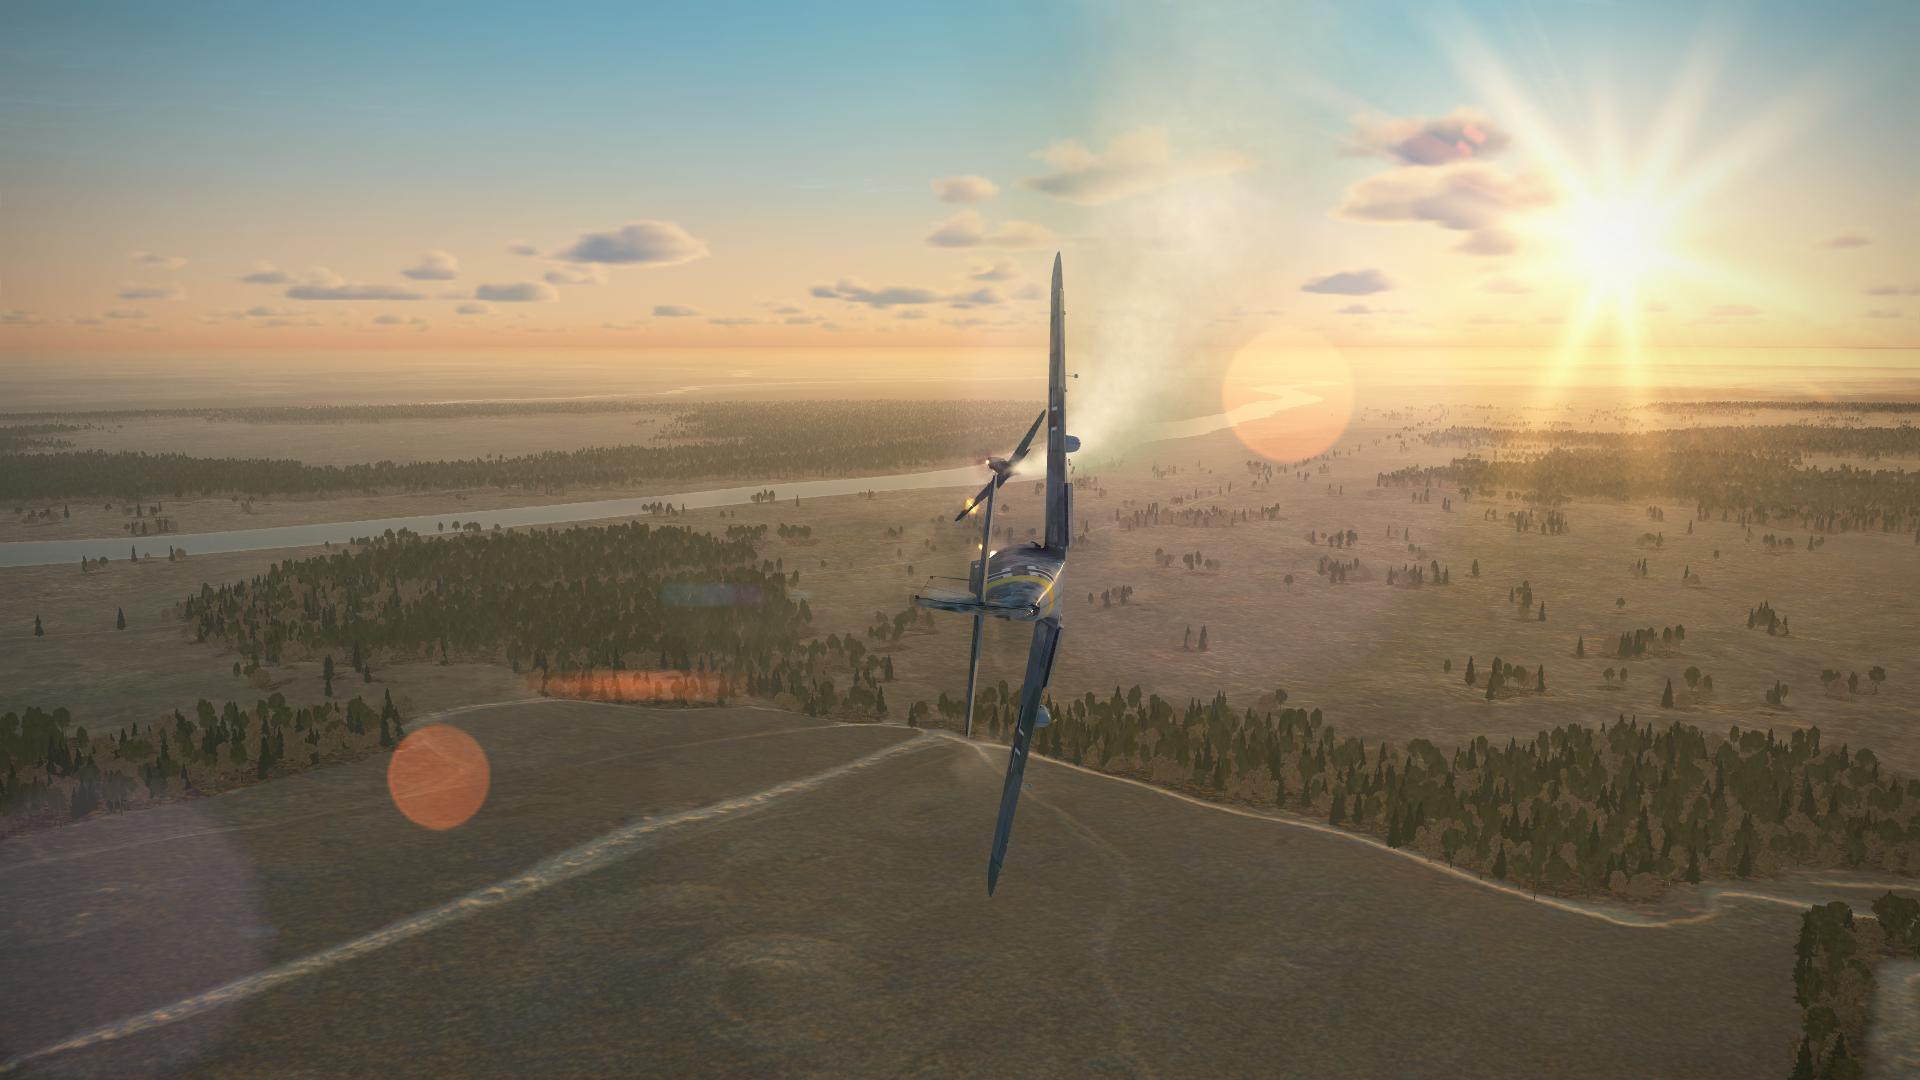 IL-2 Sturmovik Battle of Stalingrad Screenshot 2020.03.25 - 12.42.11.63.png